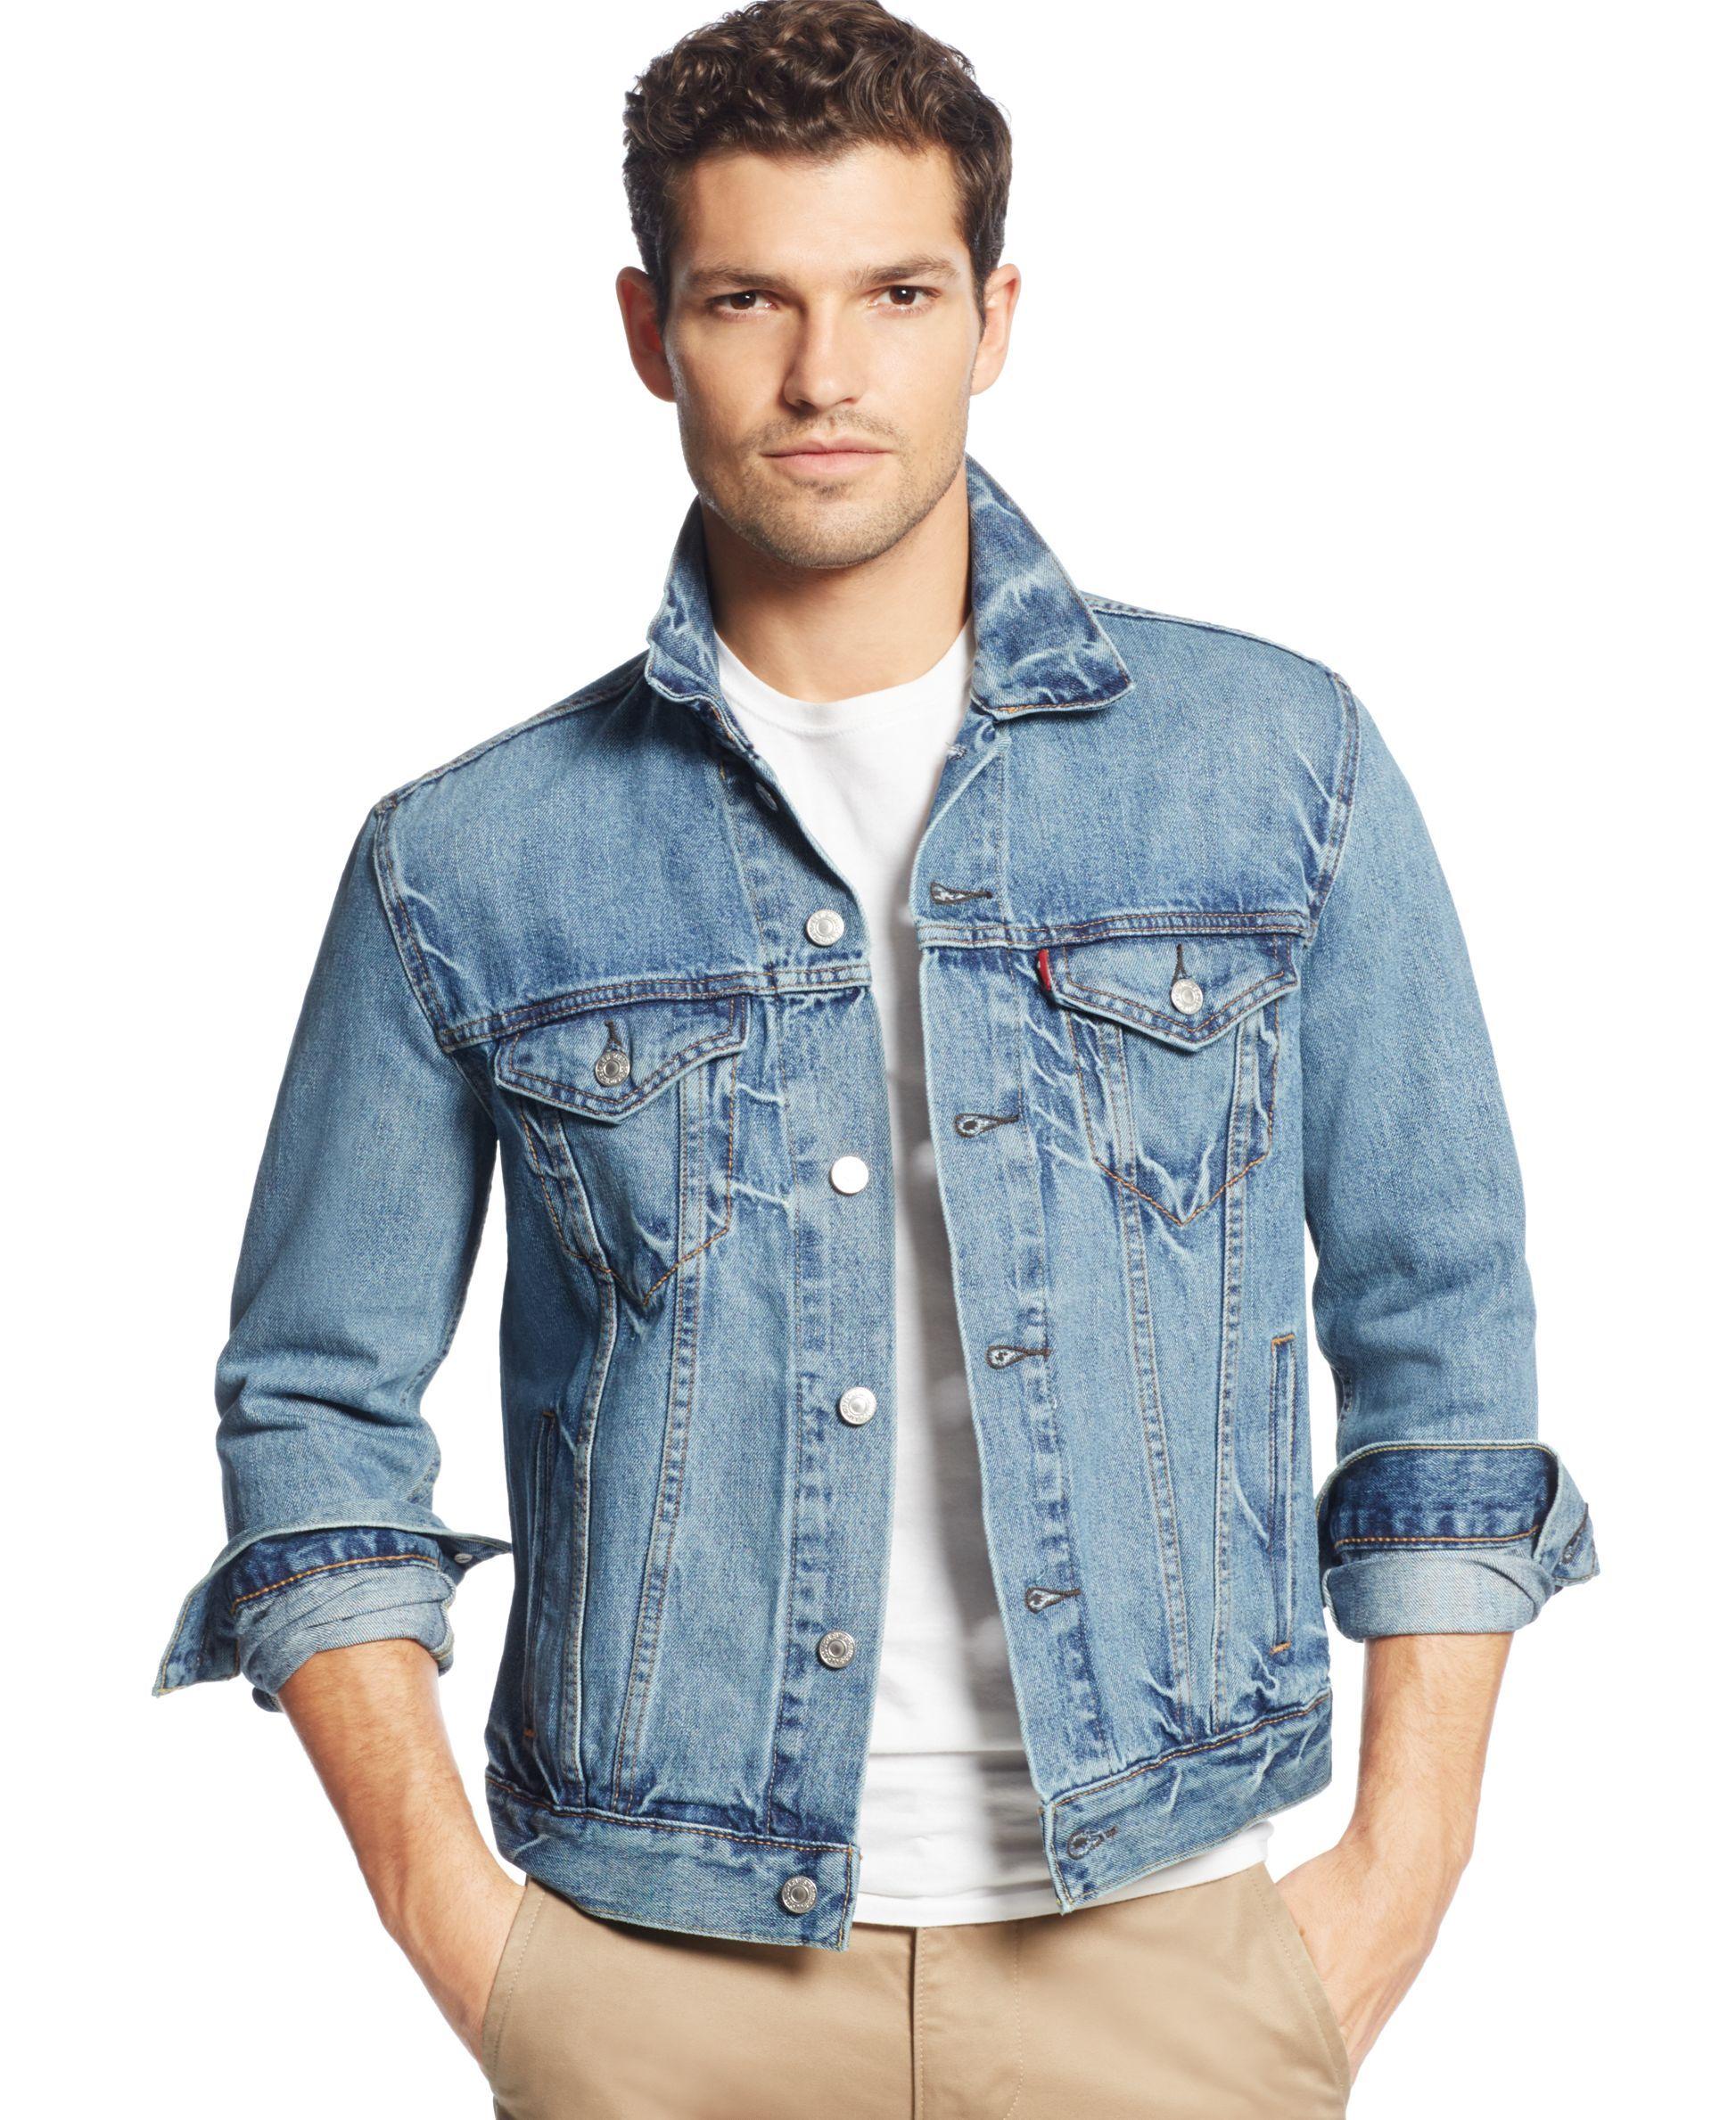 479febc522a2 Levi's Spire Trucker Jacket How To Wear Denim Jacket, Levis Jean Jacket,  Blue Jean